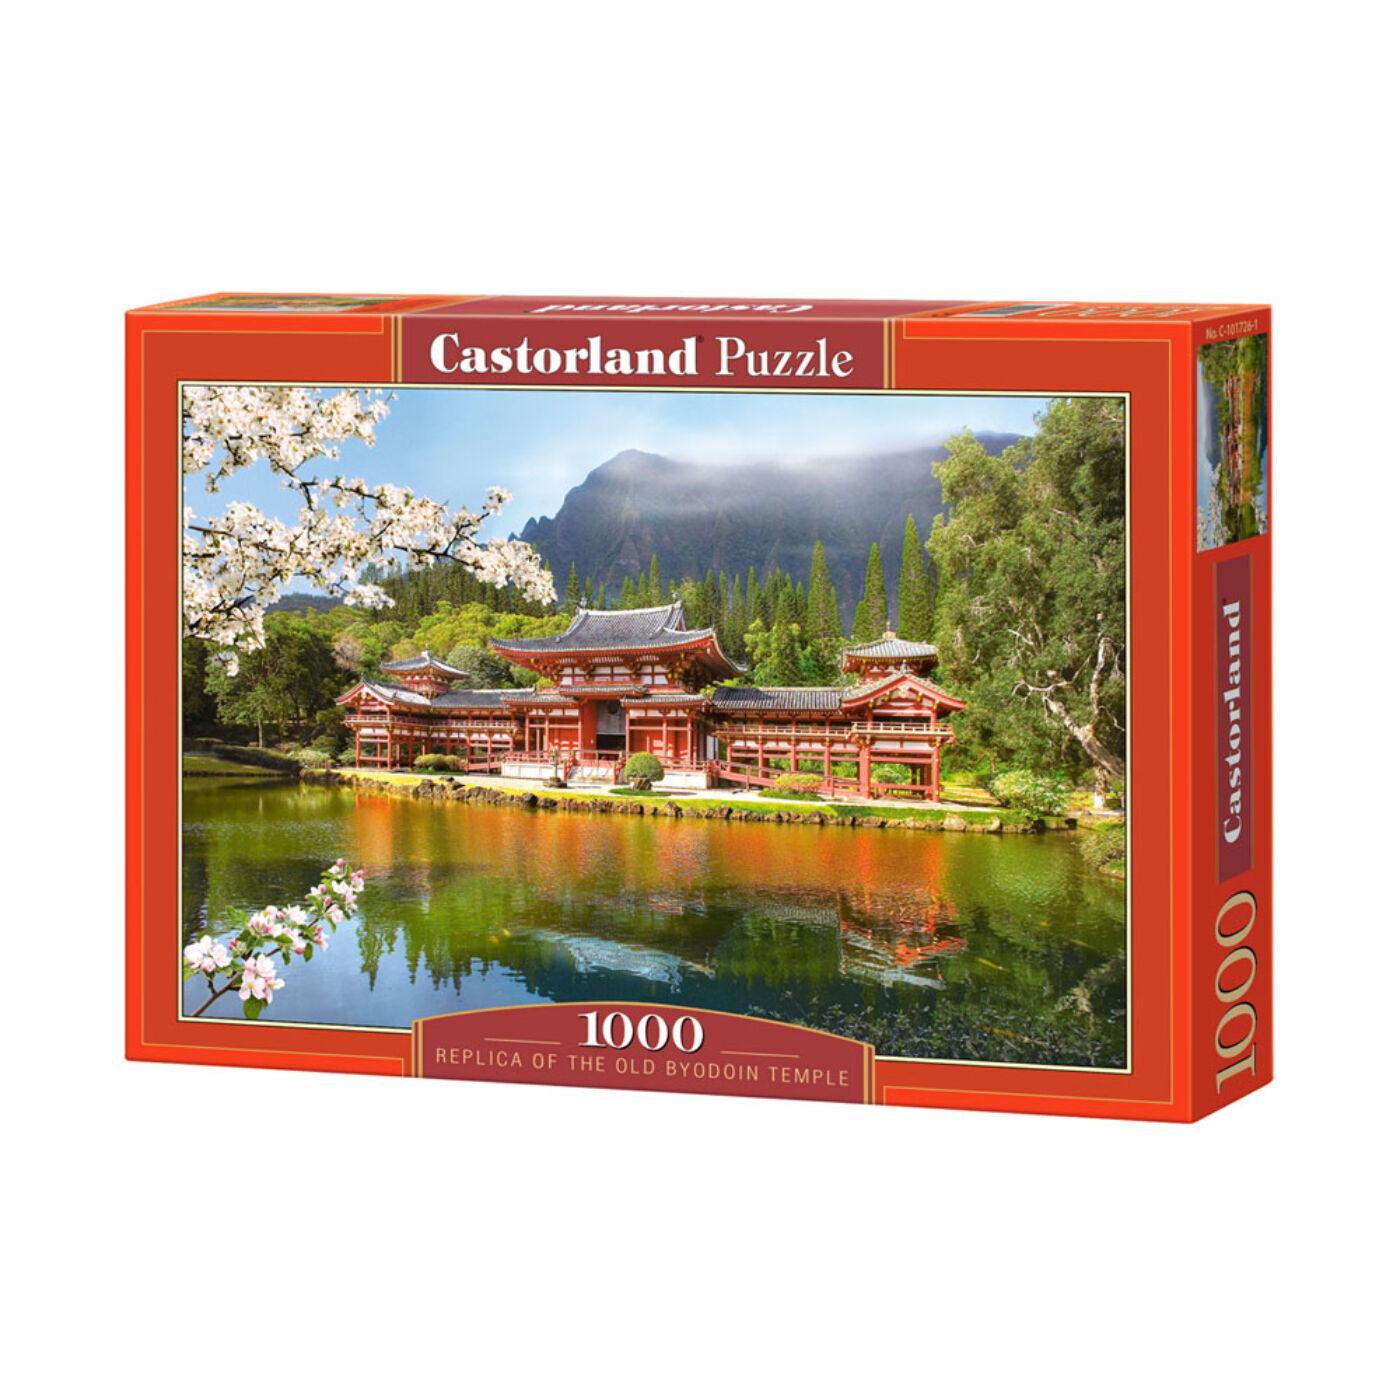 1000 db-os Castorland Puzzle - Másolat az Öreg Byodoin Templomról